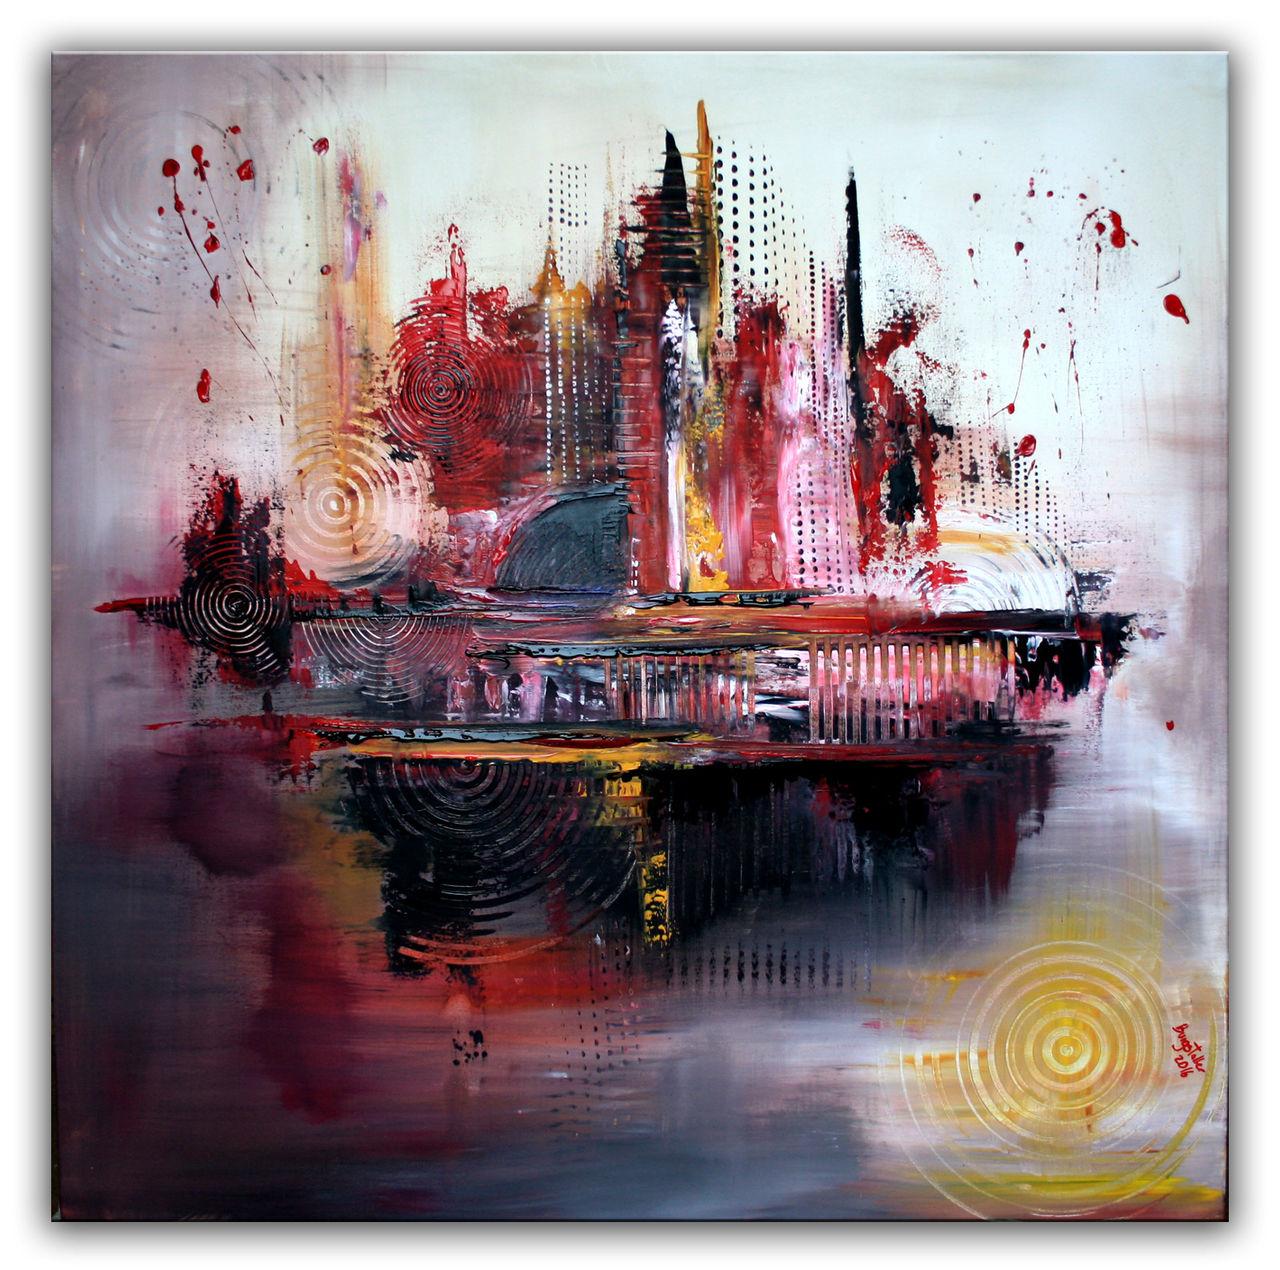 bild gem lde abstrakt rot malerei von alex b bei kunstnet. Black Bedroom Furniture Sets. Home Design Ideas